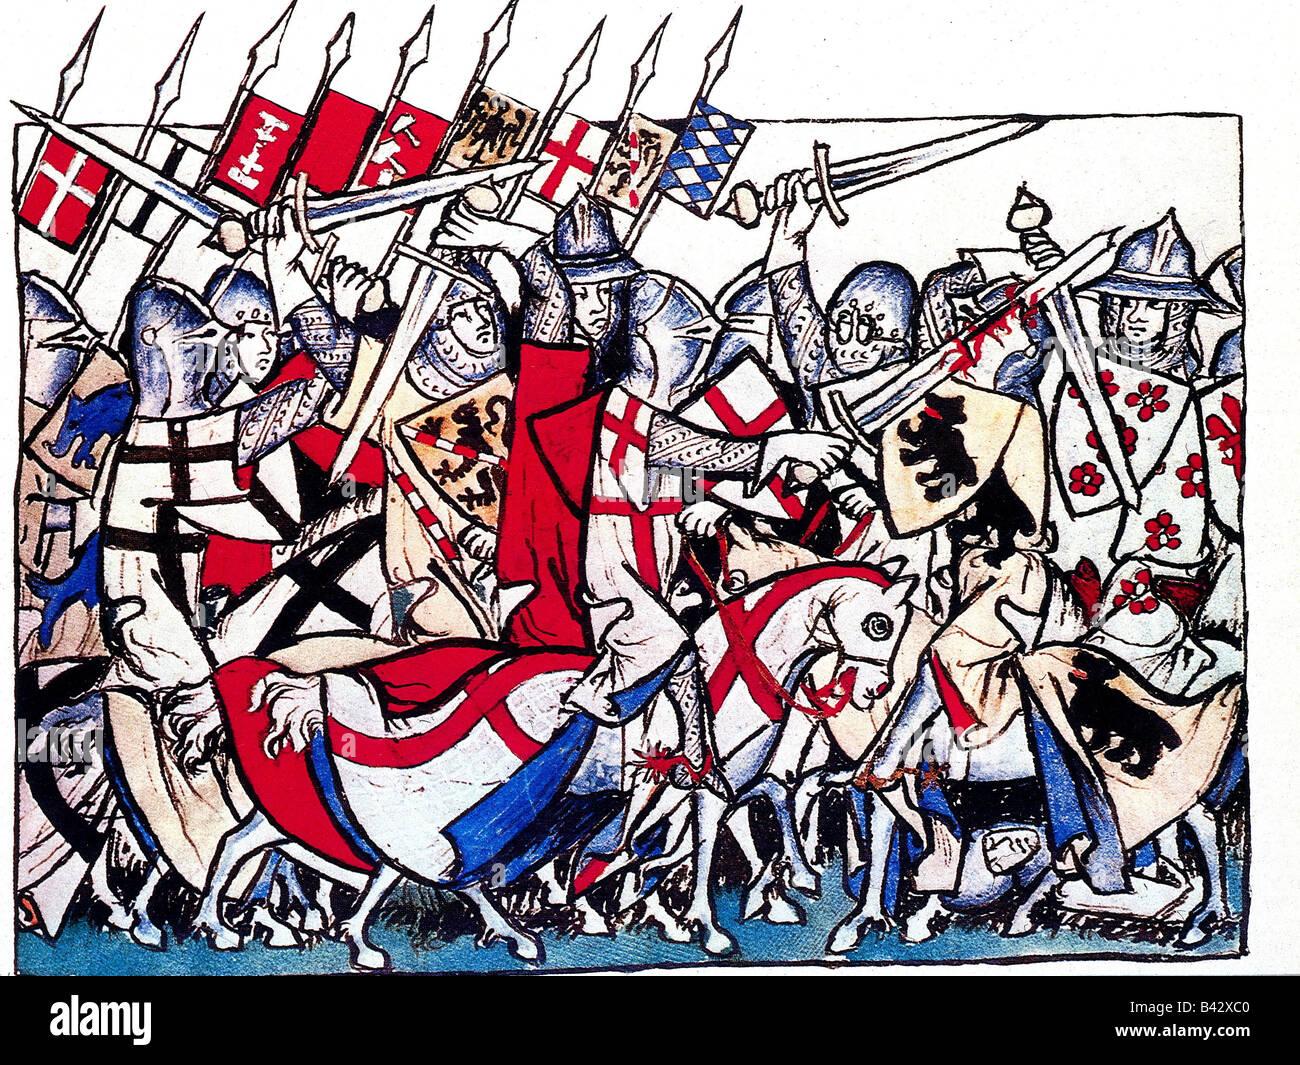 Enrico VII, circa 1275 - 24.8.1313, Sacro Romano Imperatore 29.6.1312 - 24.8.1313, lottando contro il milanese, Immagini Stock